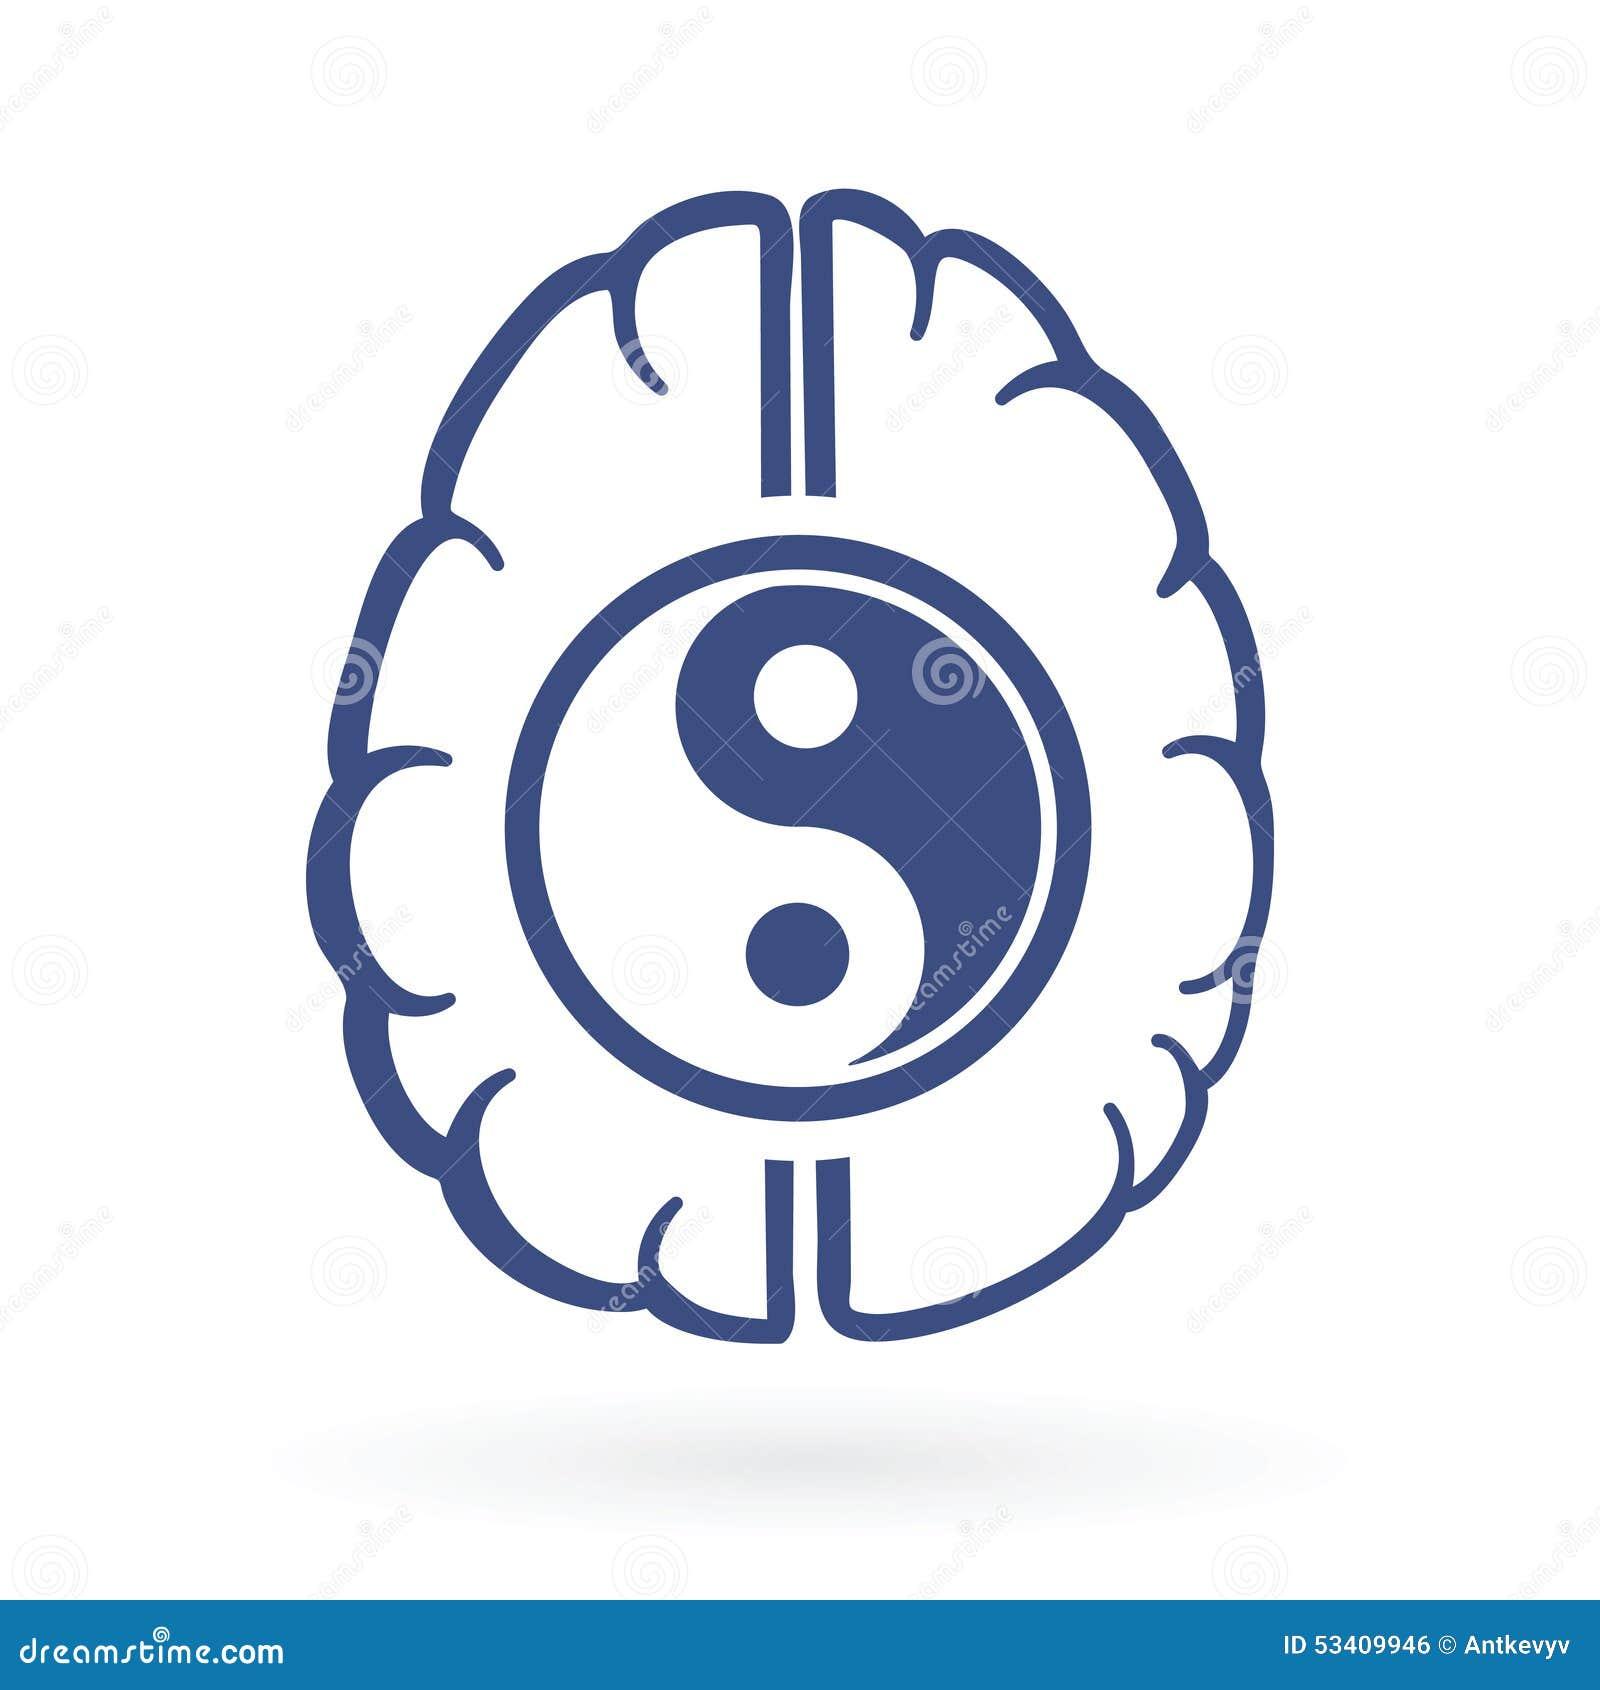 Ying Yang And Human Brain Symbols Stock Vector Image